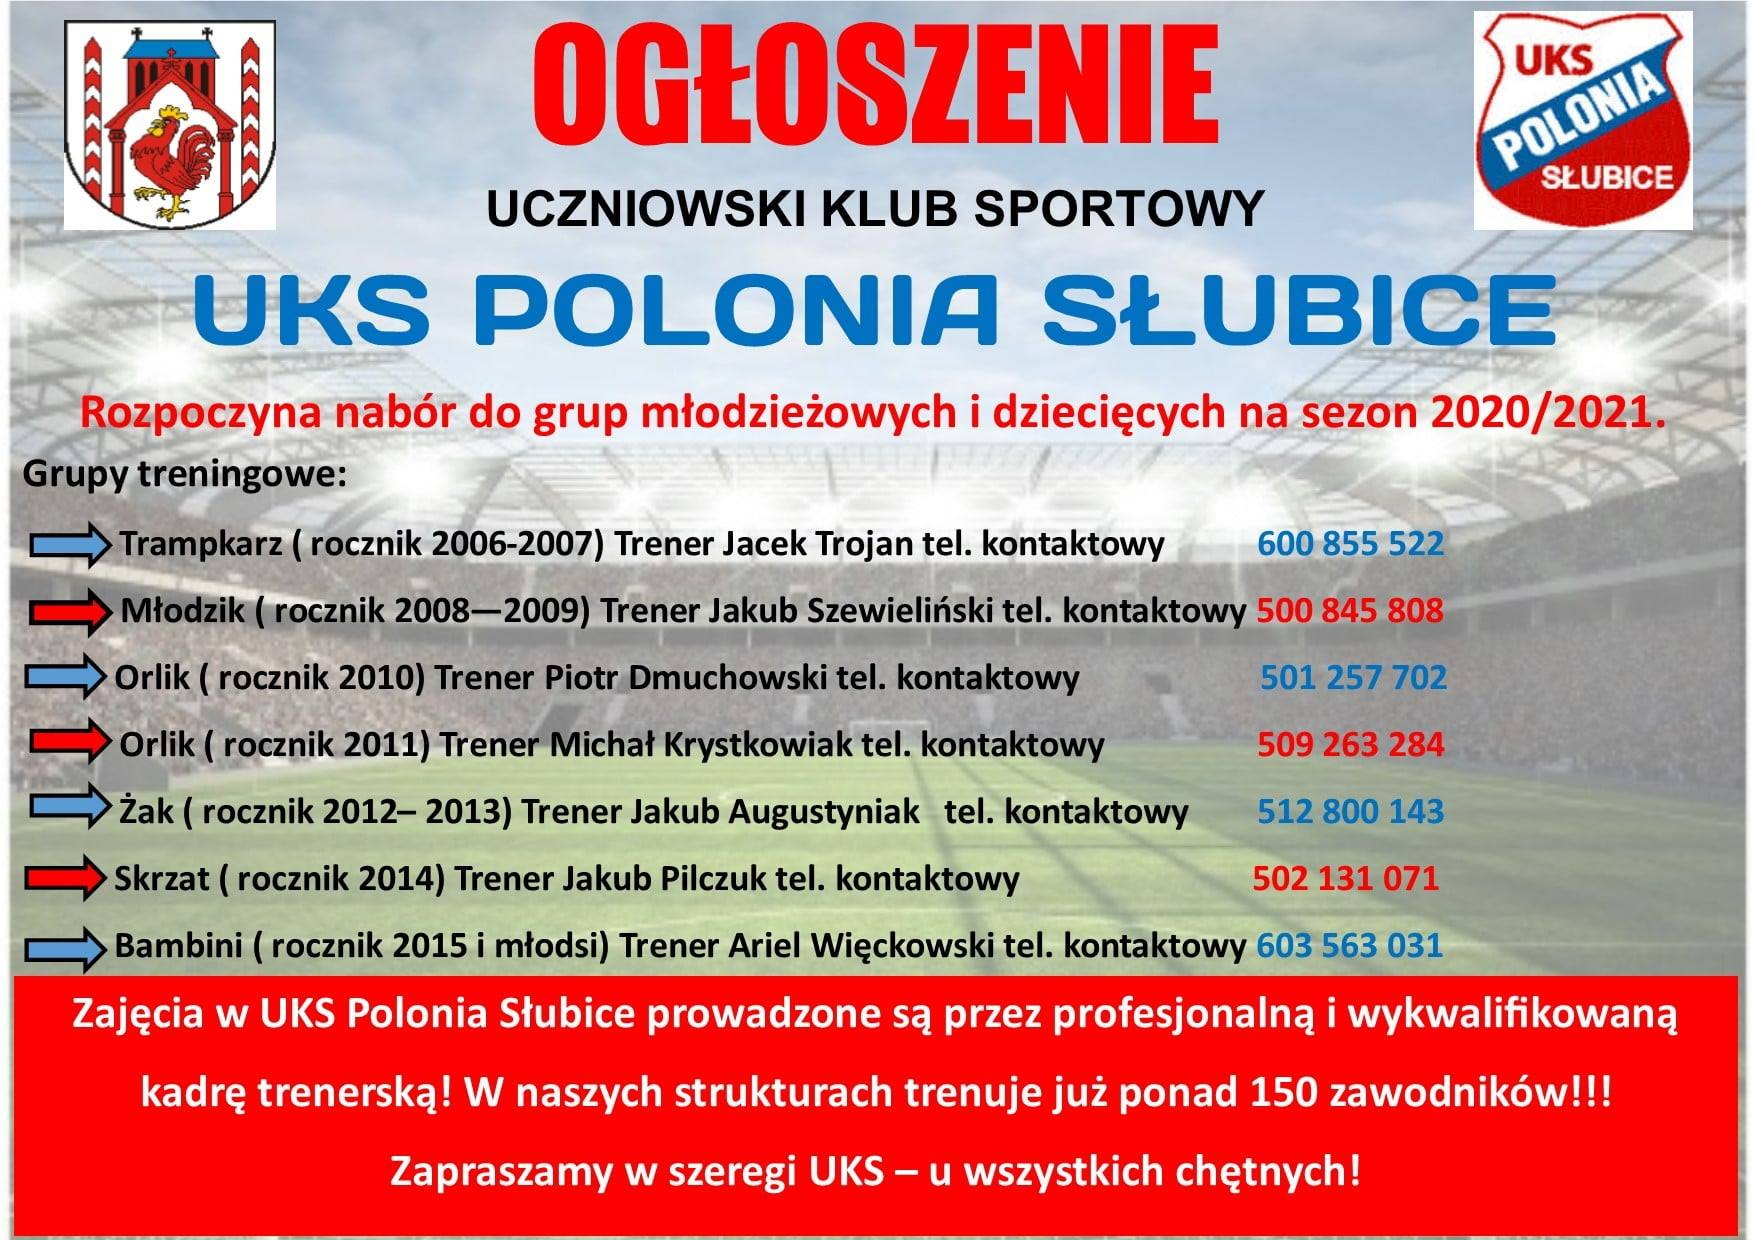 Uks Polonia 4